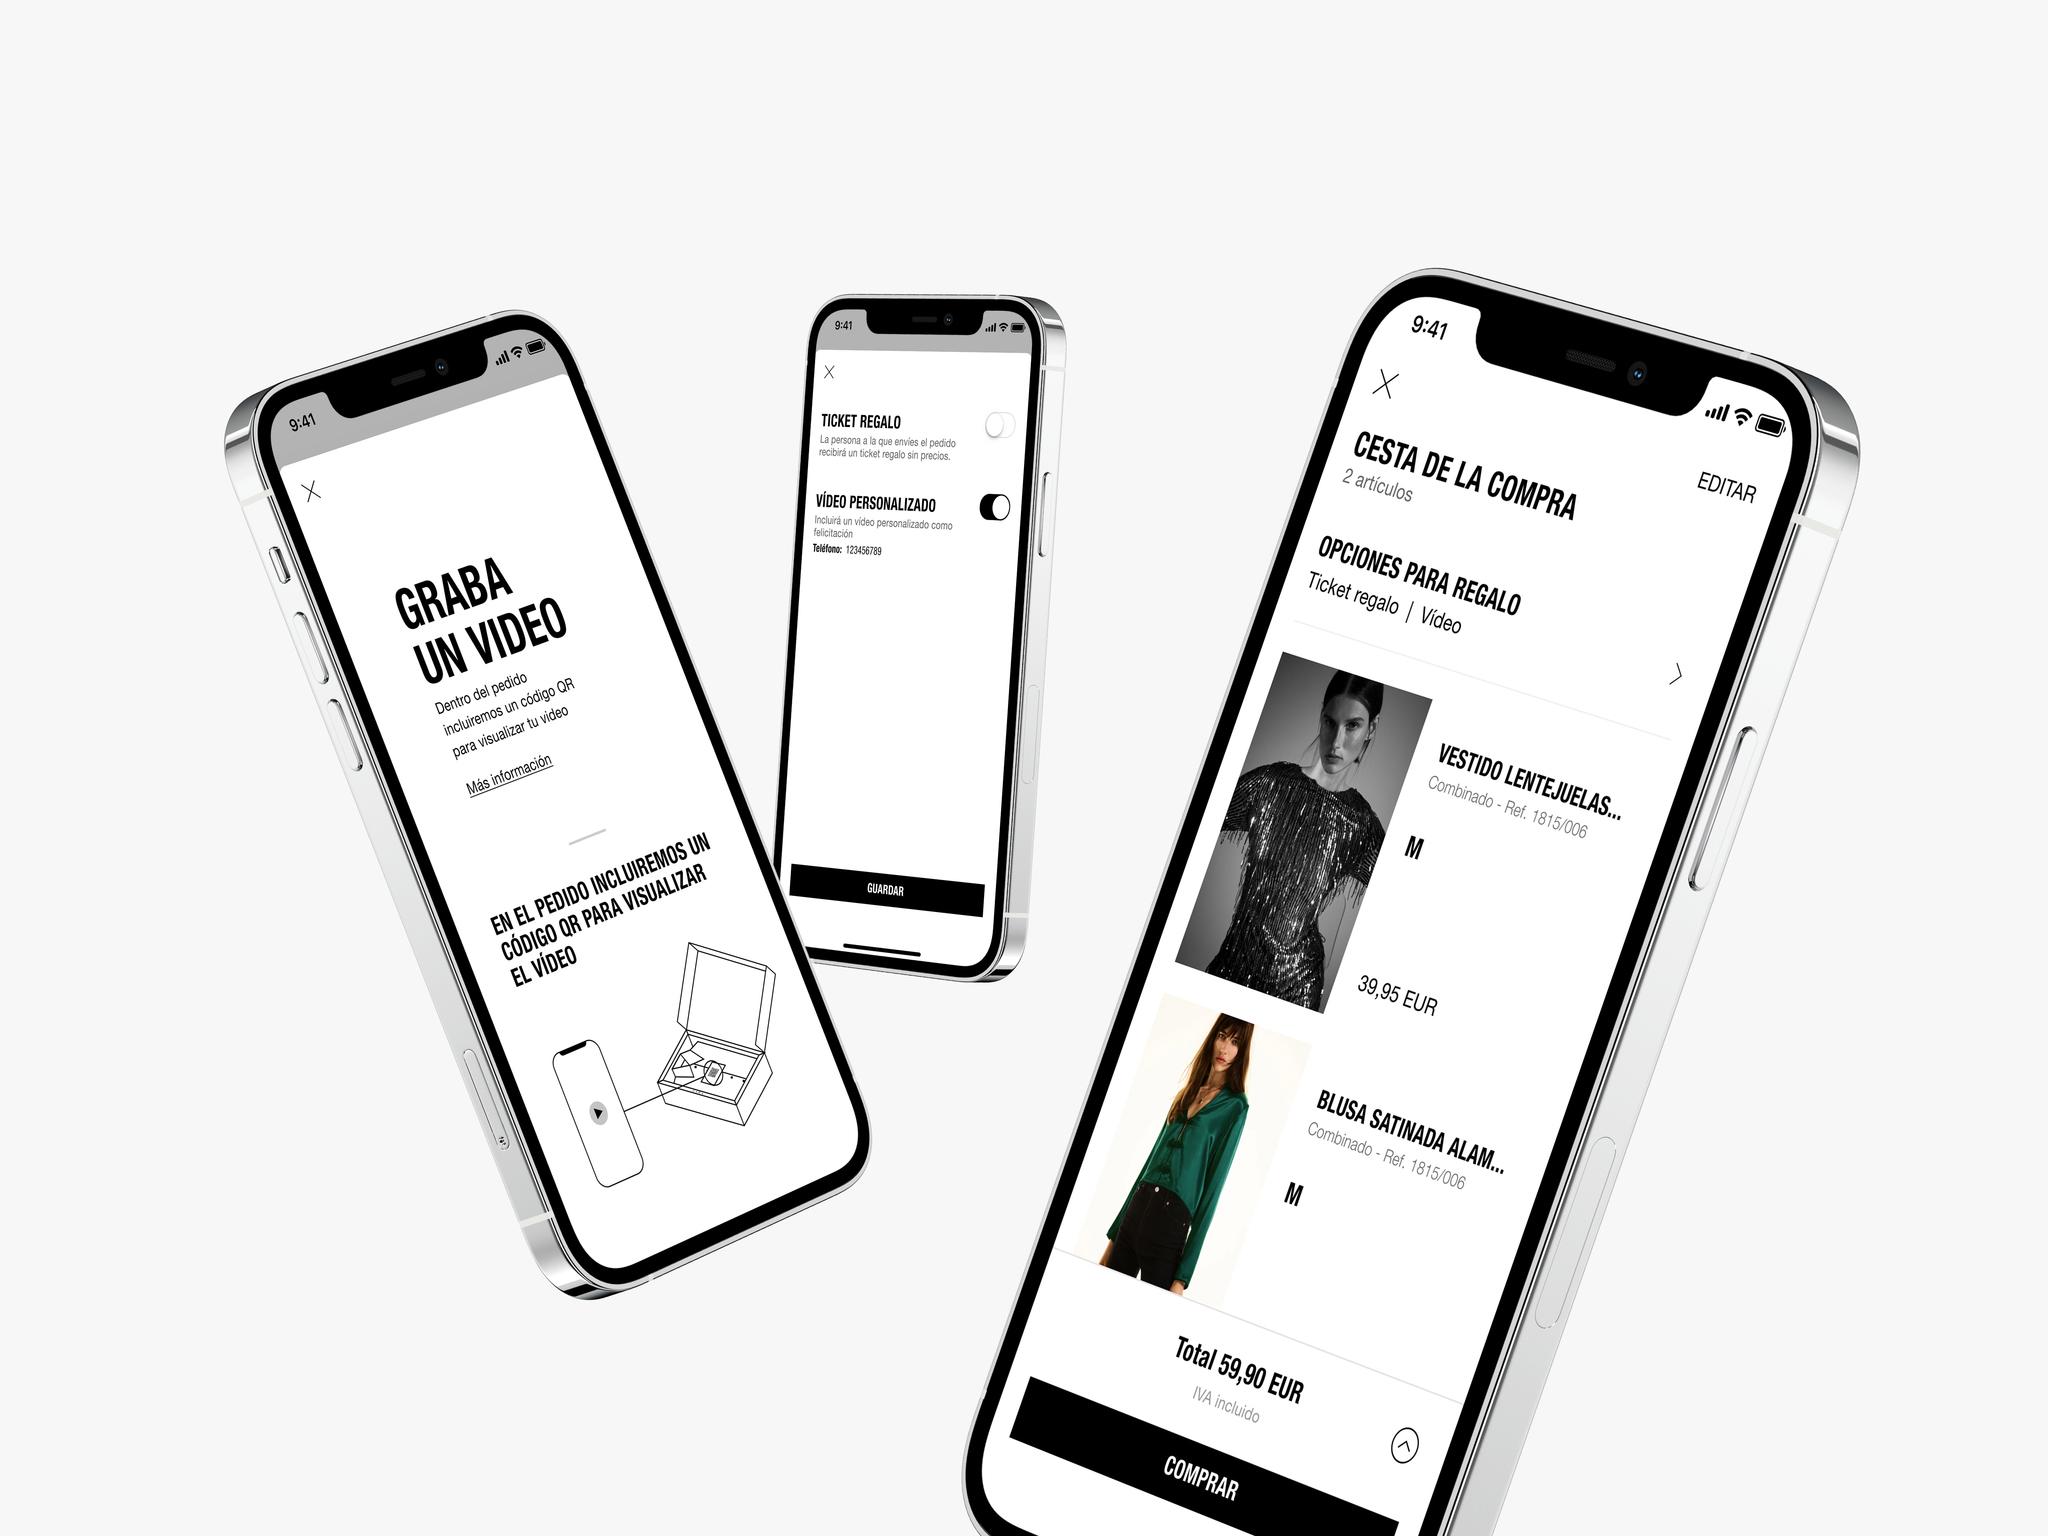 Manda un vídeo con tus regalos desde la app de Zara.